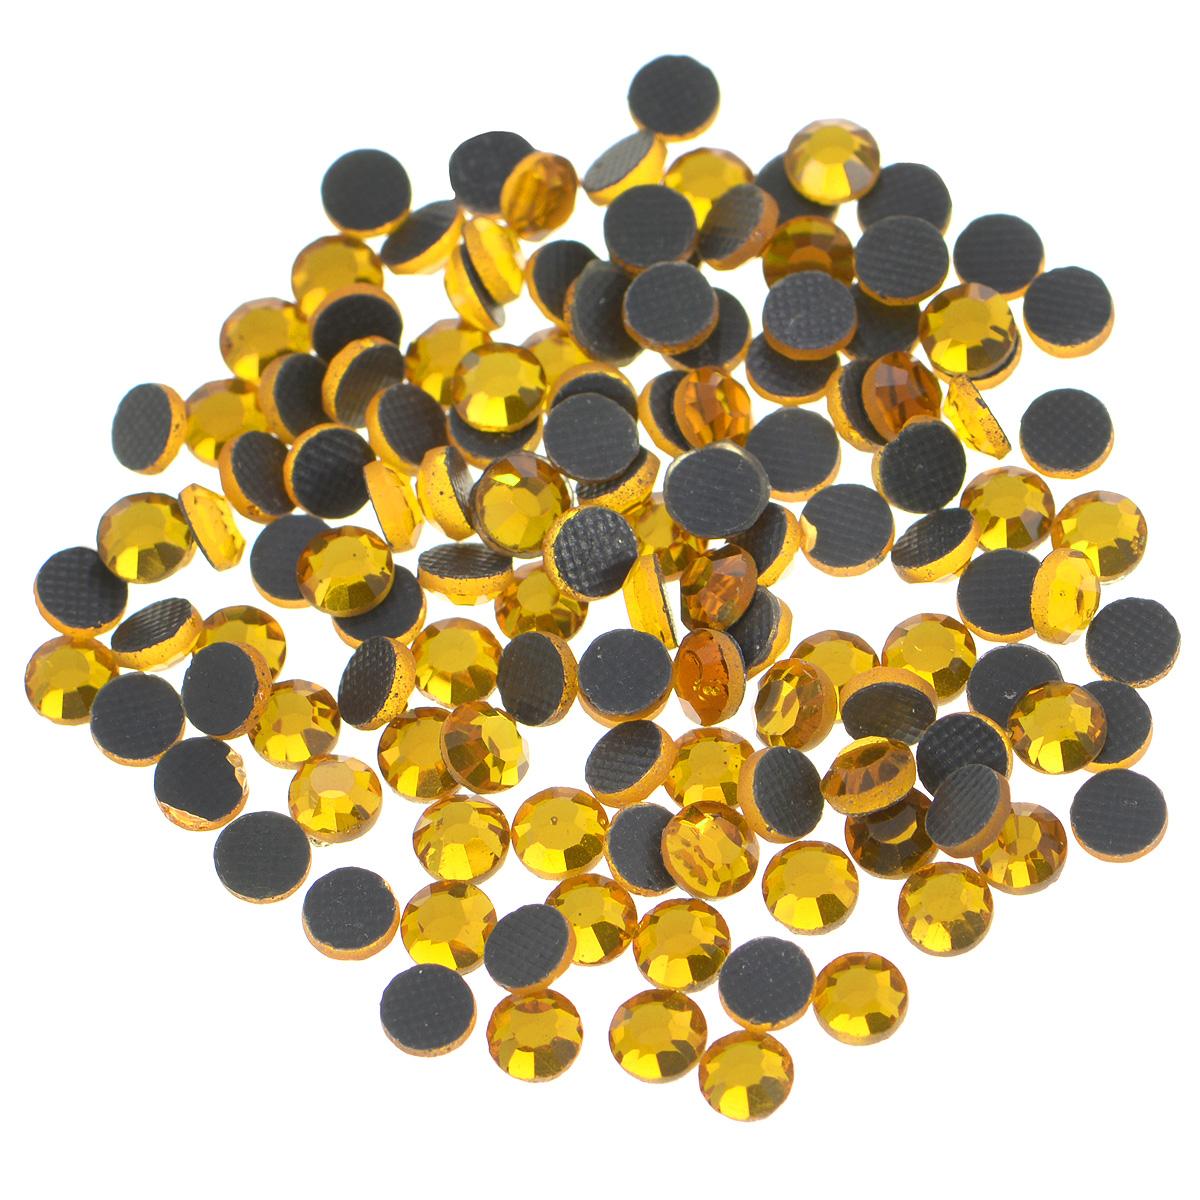 Стразы термоклеевые Cristal, цвет: топаз (203), диаметр 4 мм, 144 шт7706831_203Набор термоклеевых страз Cristal, изготовленный из высококачественного акрила, позволит вам украсить одежду, аксессуары или текстиль. Яркие стразы имеют плоское дно и круглую поверхность с гранями. Дно термоклеевых страз уже обработано особым клеем, который под воздействием высоких температур начинает плавиться, приклеиваясь, таким образом, к требуемой поверхности. Чаще всего их используют в текстильной промышленности: стразы прикладывают к ткани и проглаживают утюгом с обратной стороны. Также можно использовать специальный паяльник. Украшение стразами поможет сделать любую вещь оригинальной и неповторимой. Диаметр стразы: 4 мм.